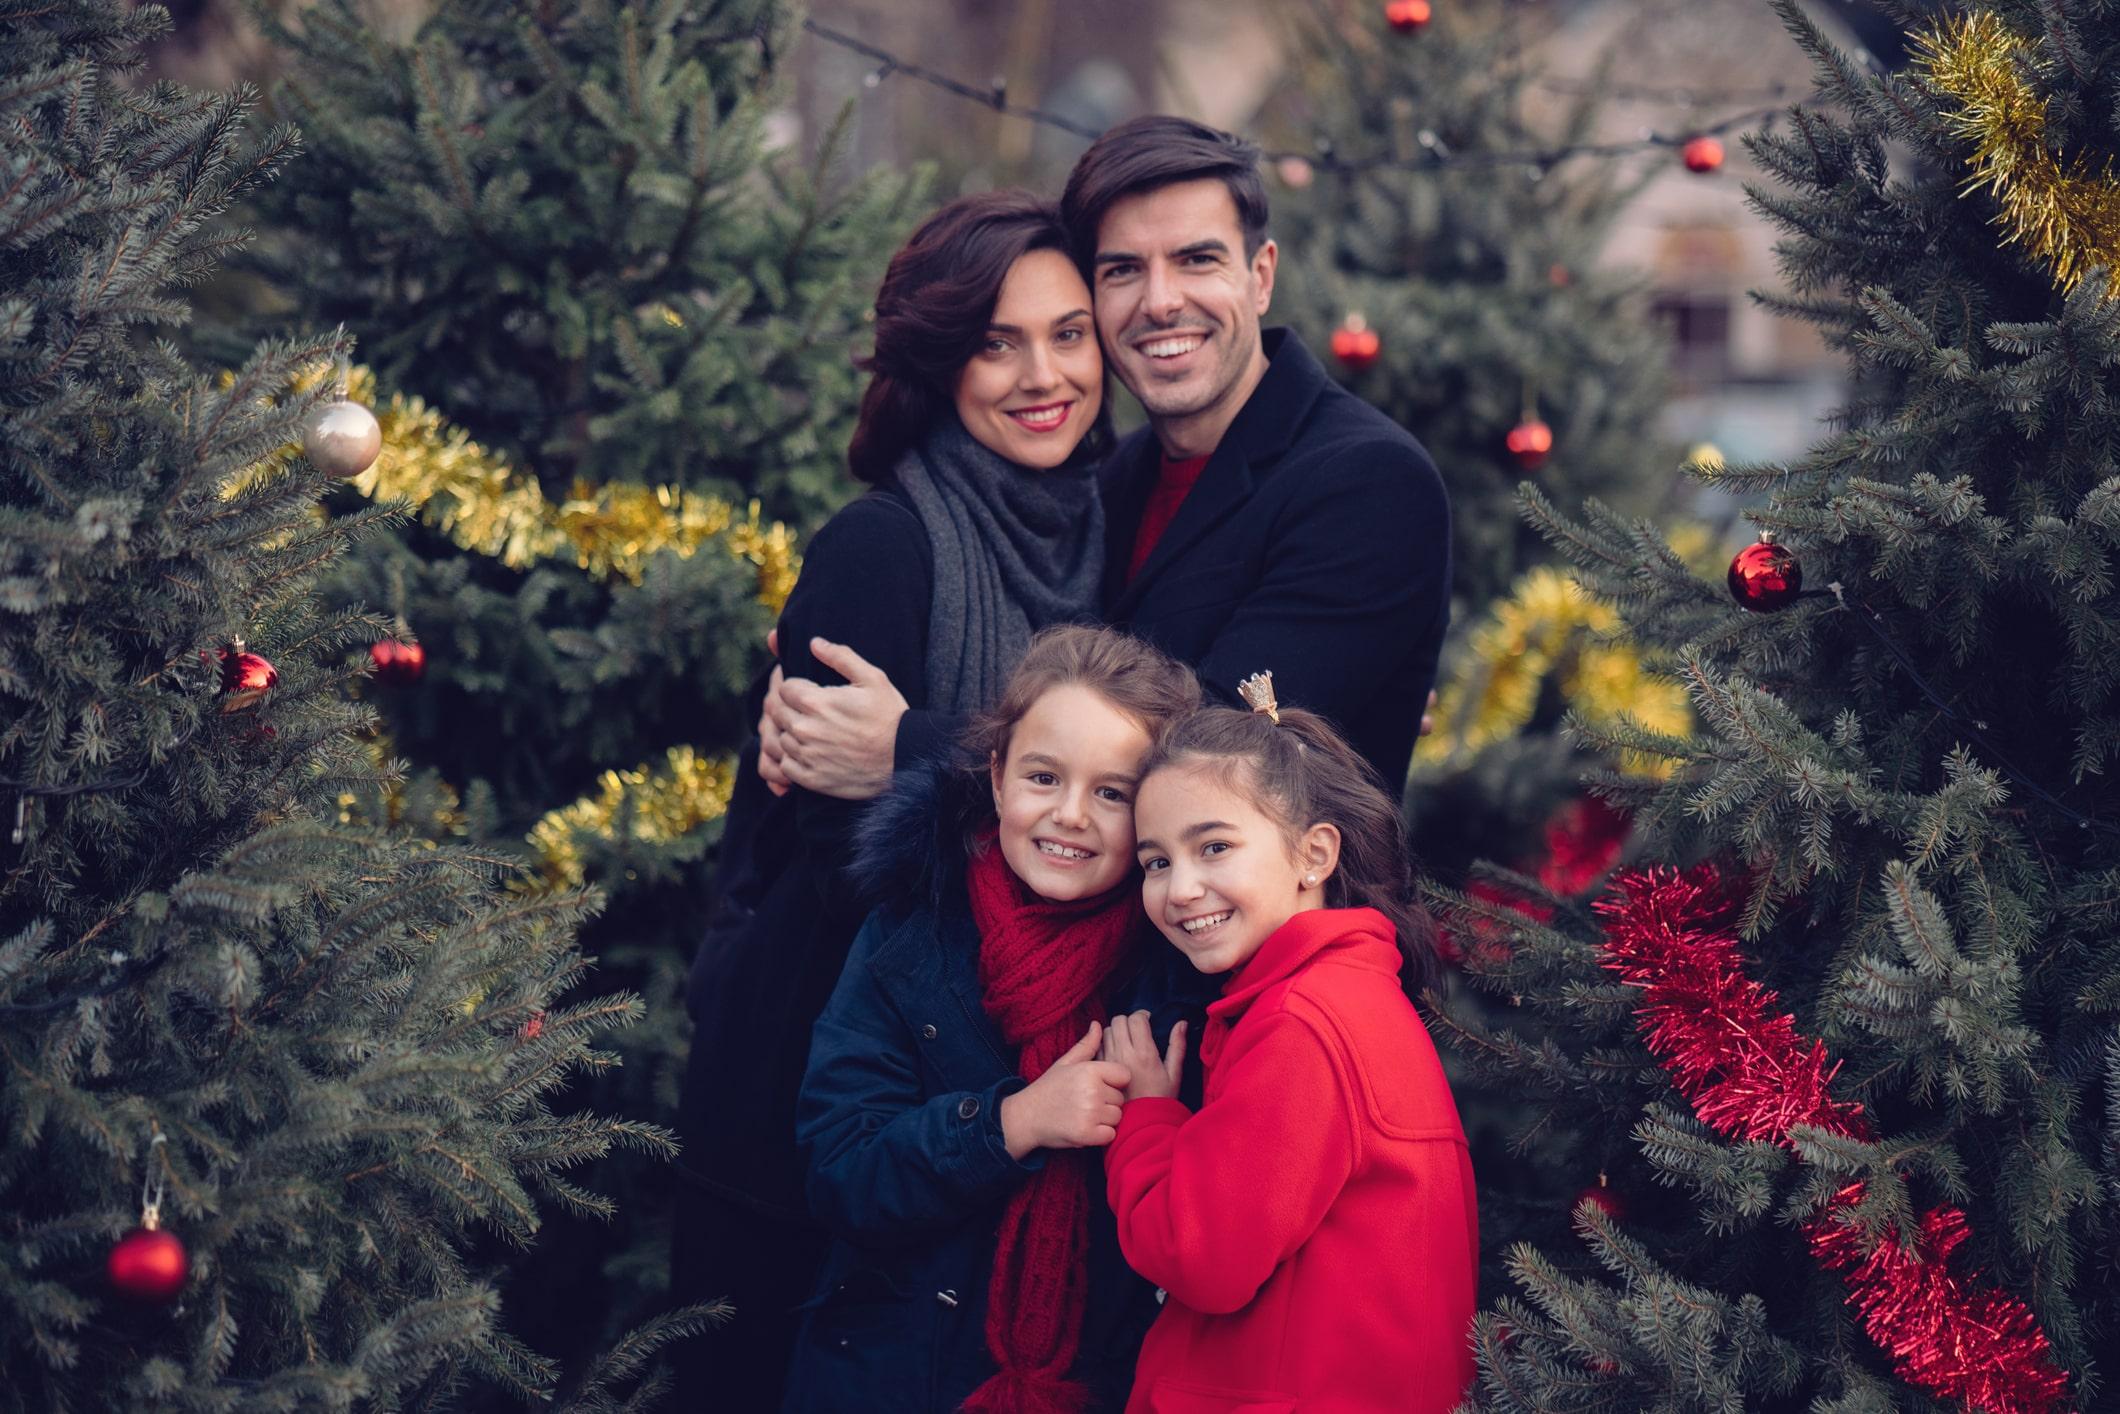 christmas photography tips image